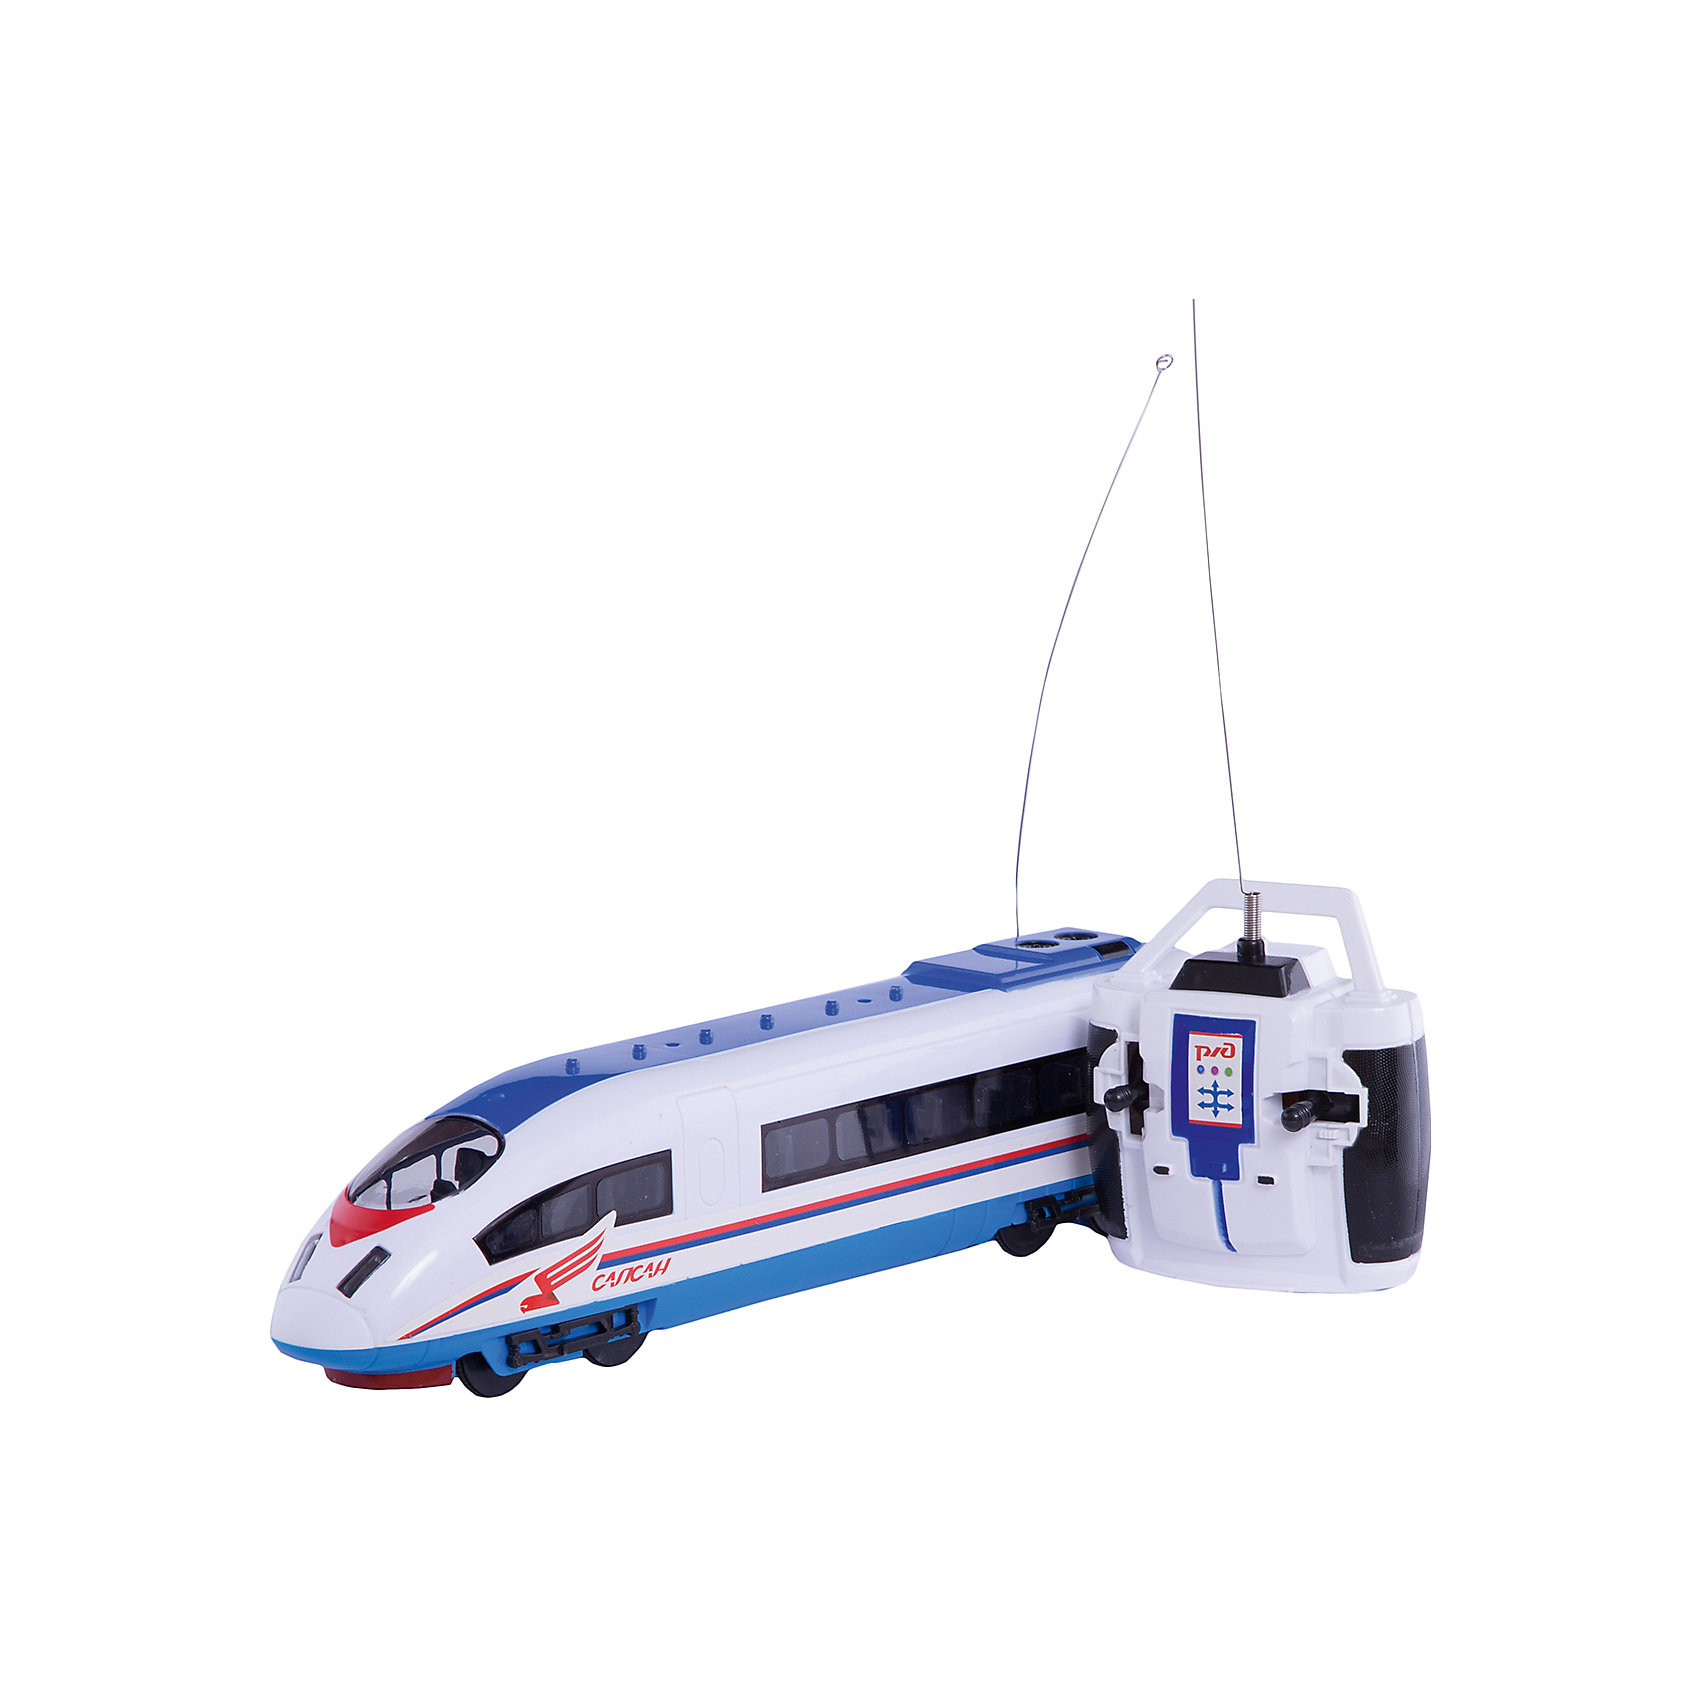 Сапсан  р/уПоезда обожает множество современных мальчишек, поэтому копия поезда Сапсан, выглядящая почти как настоящая, обязательно порадует ребенка. Такие игрушки помогают детям развивать воображение, мелкую моторику, логику и творческое мышление.<br>Модель поезда прекрасно детализирована, у неё есть возможность воспроизводить объявления, во время поездки слышится звук движущегося поезда, предусмотрены также световые эффекты, двигается она с помощью аккумулятора и радиоуправления. С такой игрушкой можно придумать множество игр!<br><br>Дополнительная информация:<br><br>цвет: разноцветный;<br>размер коробки: 45 х 7 х 13 см;<br>вес: 620 г;<br>материал: металл, пластик;<br>световые и звуковые эффекты.<br><br>Сапсан р/у можно купить в нашем магазине<br><br>Ширина мм: 130<br>Глубина мм: 70<br>Высота мм: 450<br>Вес г: 620<br>Возраст от месяцев: 36<br>Возраст до месяцев: 60<br>Пол: Мужской<br>Возраст: Детский<br>SKU: 4913621